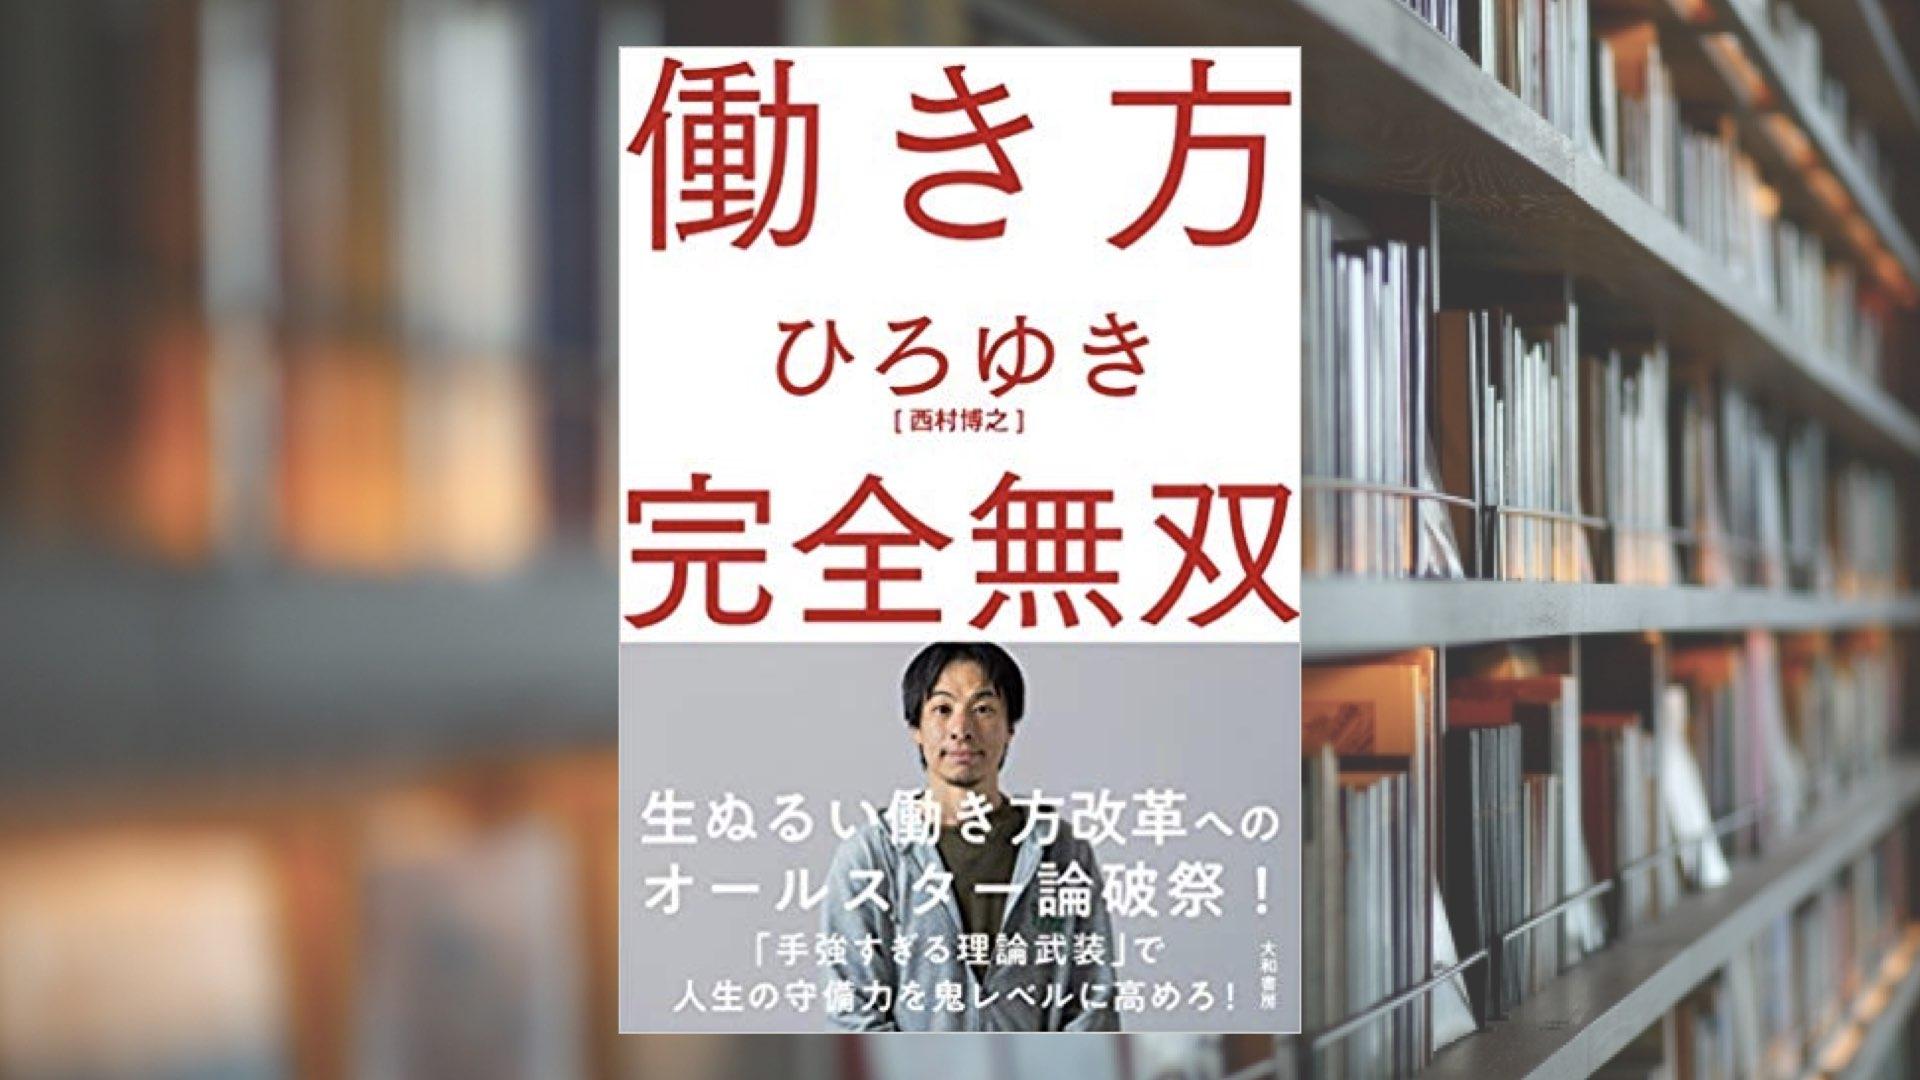 日本は沈む!働き方完全無双で描かれるひろゆき氏推奨の世界